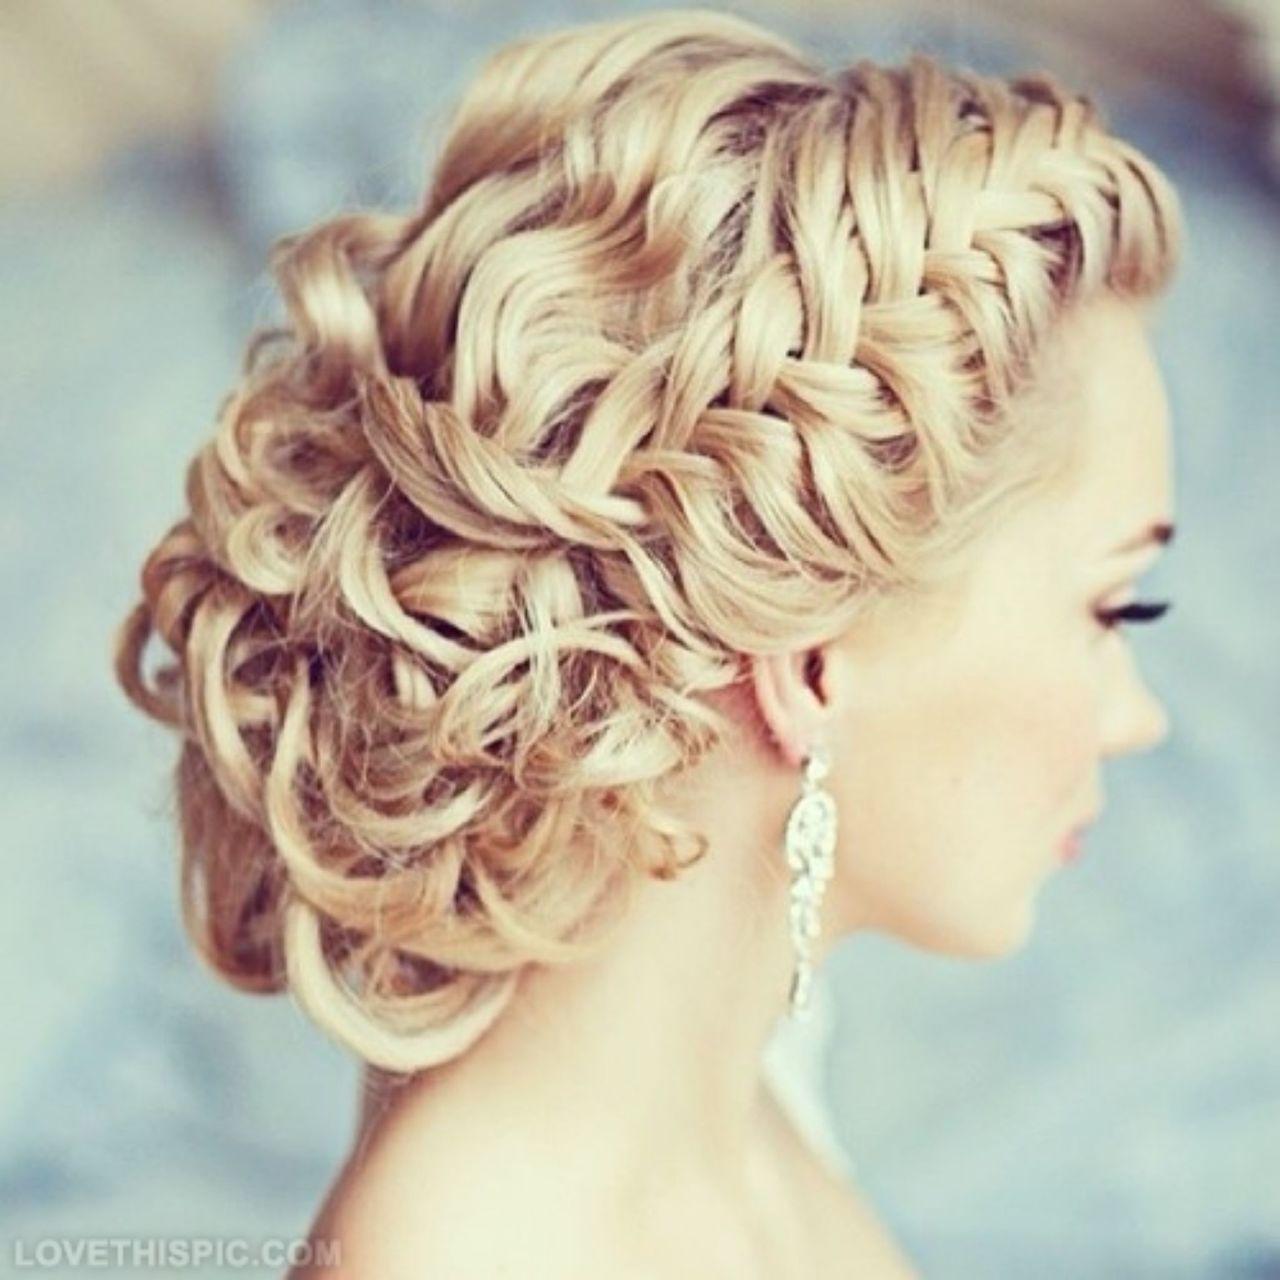 Праздничные прически на длинные волосы - плетеная коса